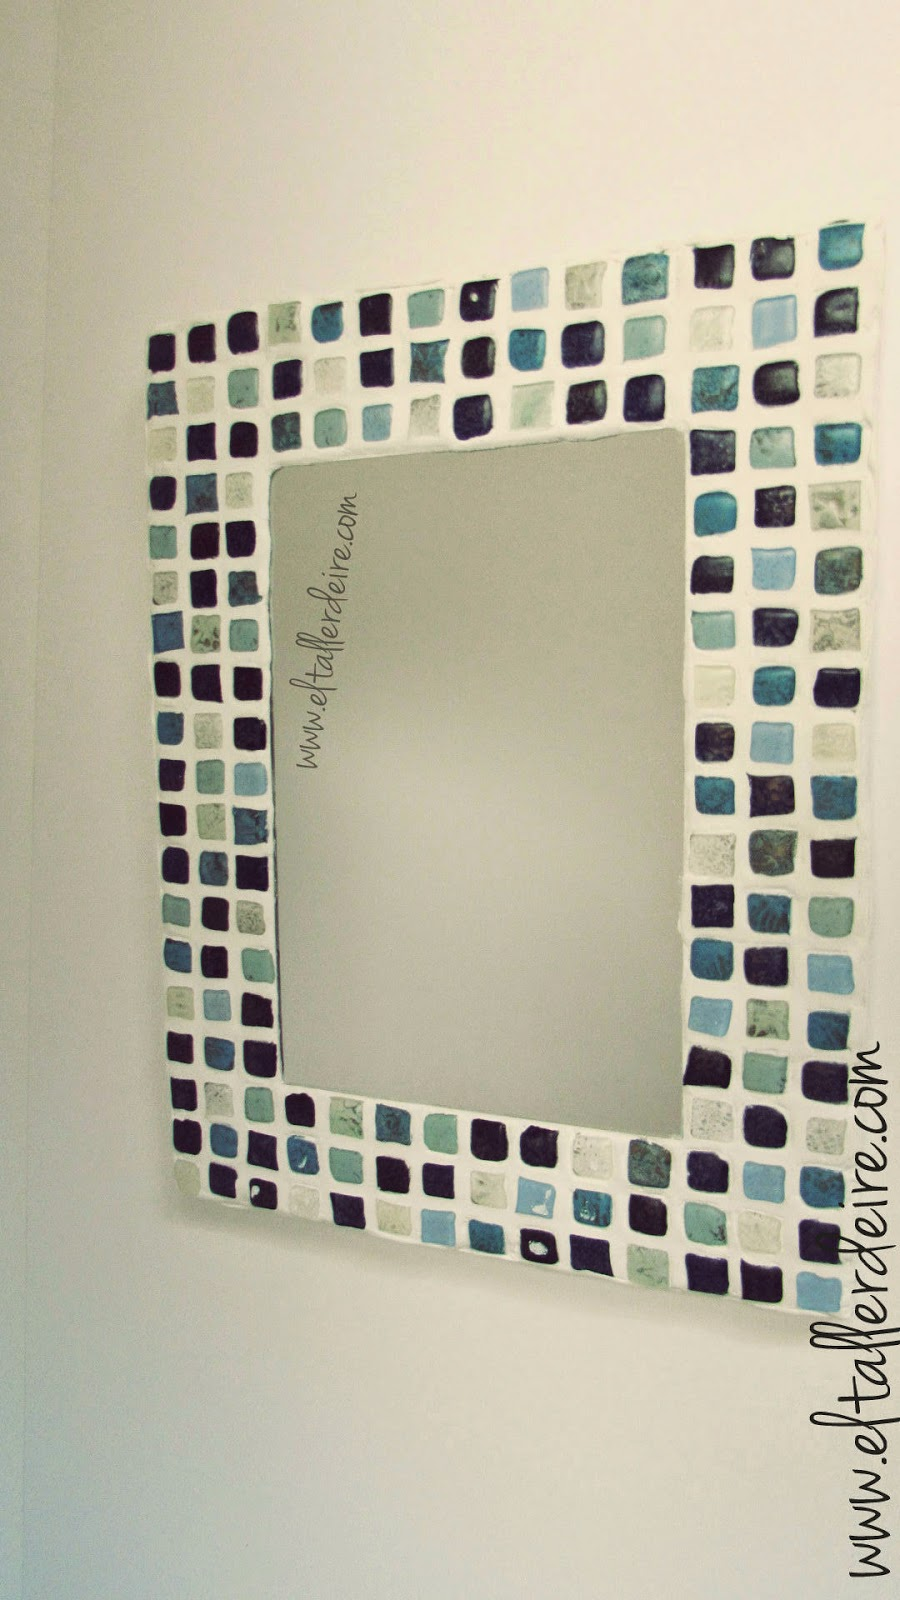 c mo hacer un espejo con mosaico el taller de ire On espejos mosaicos como hacerlos